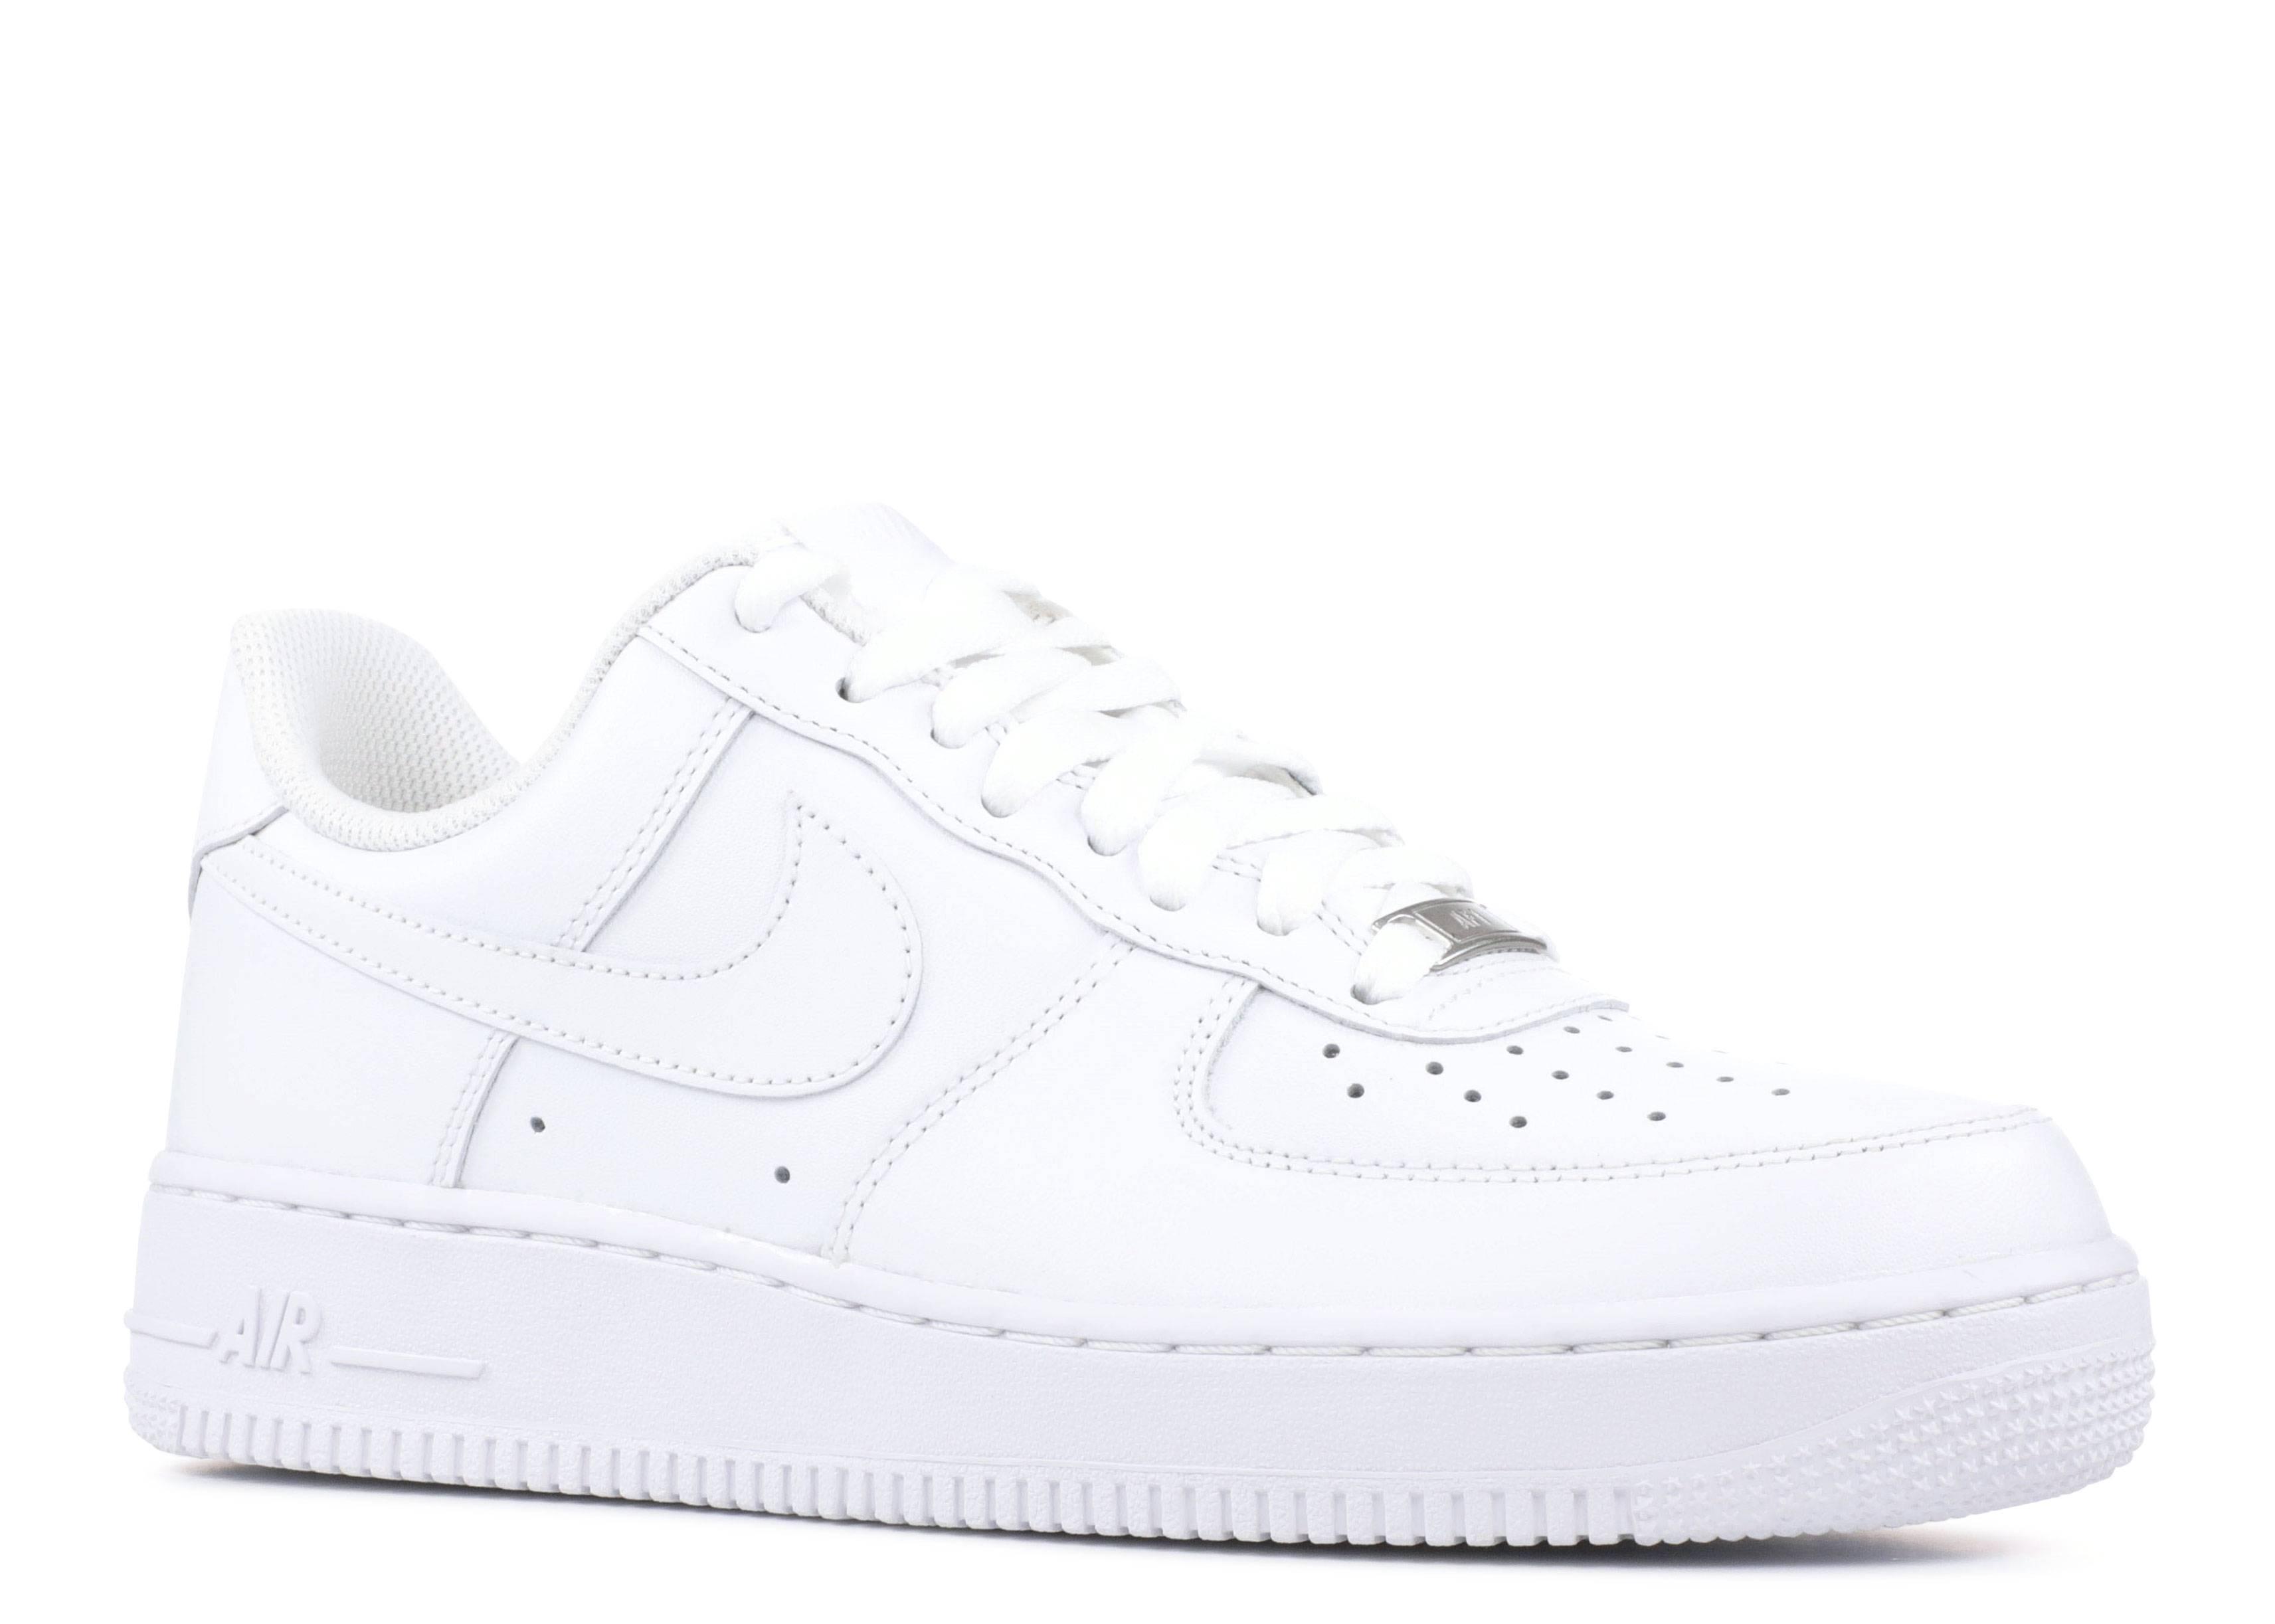 4d34b91dd24 Nike Air Force 1  07 Triple White - 1